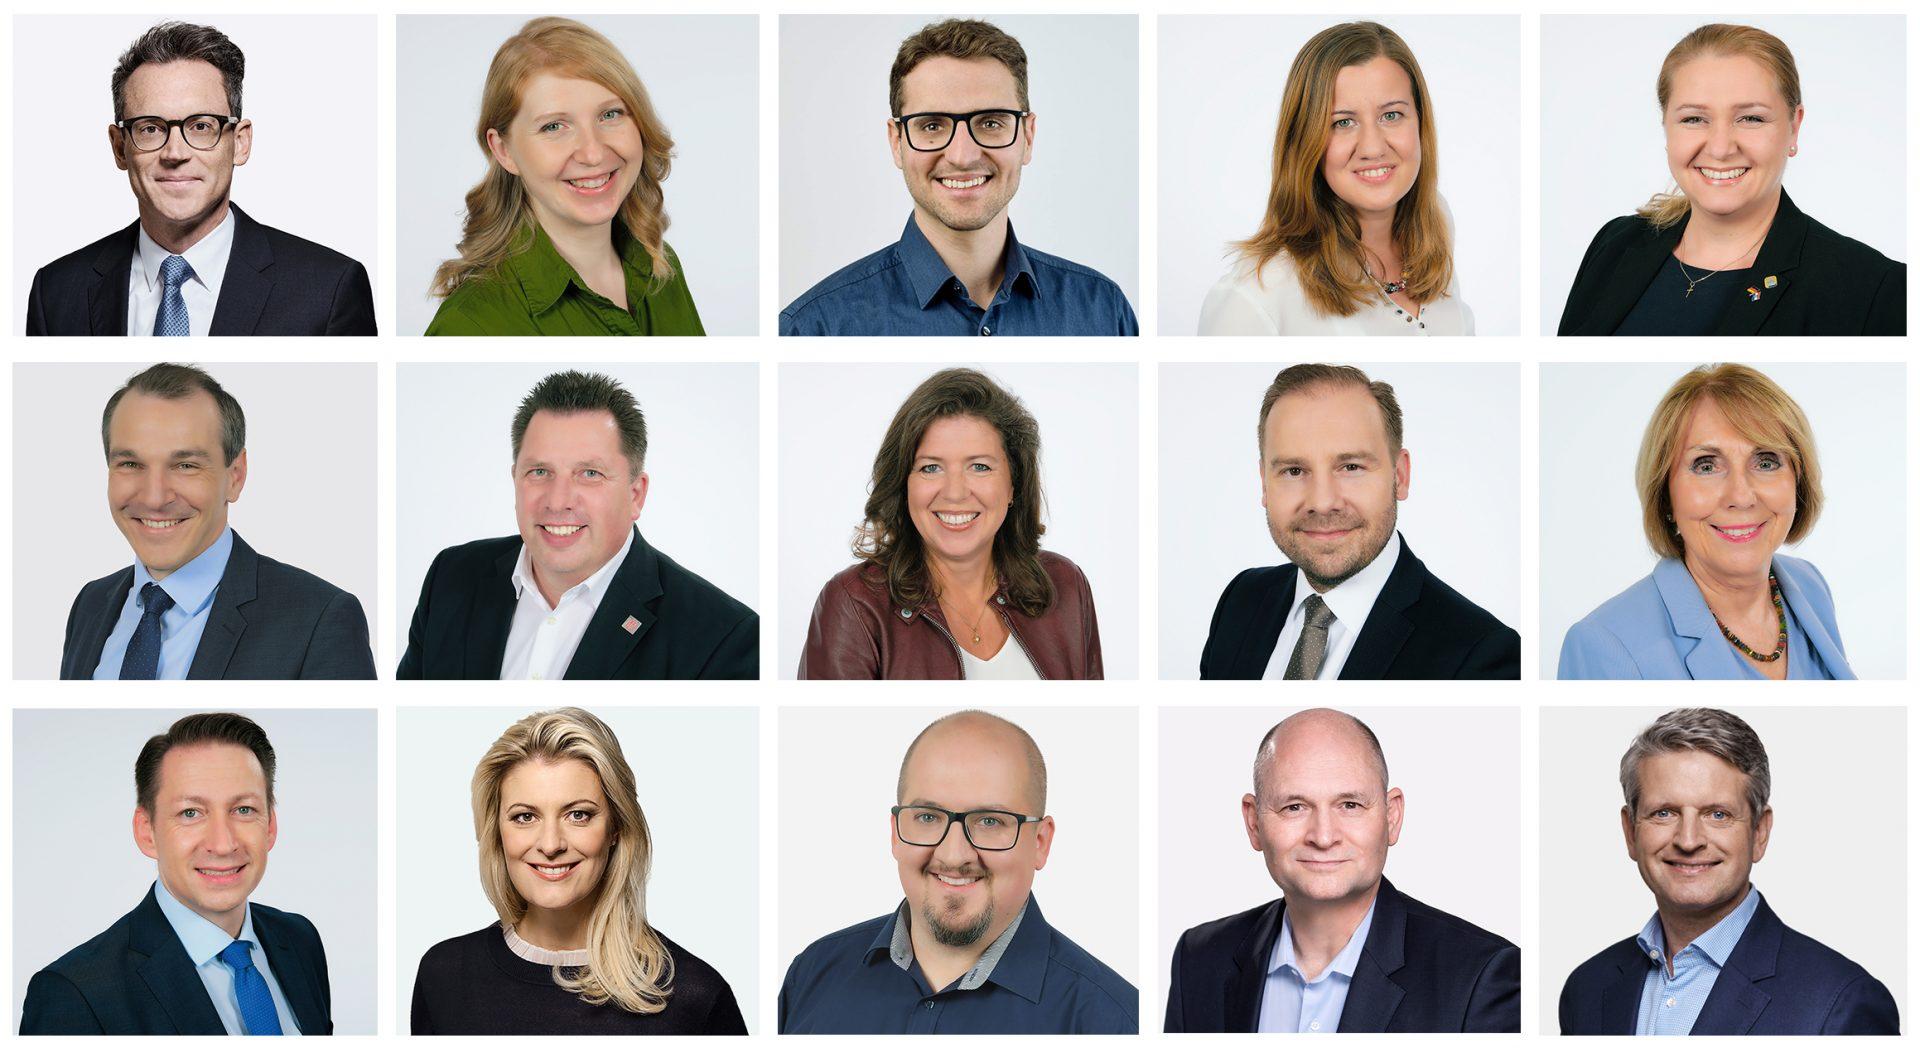 CDU-Fraktion Frankfurt Fachsprecherinnen und Fachsprecher